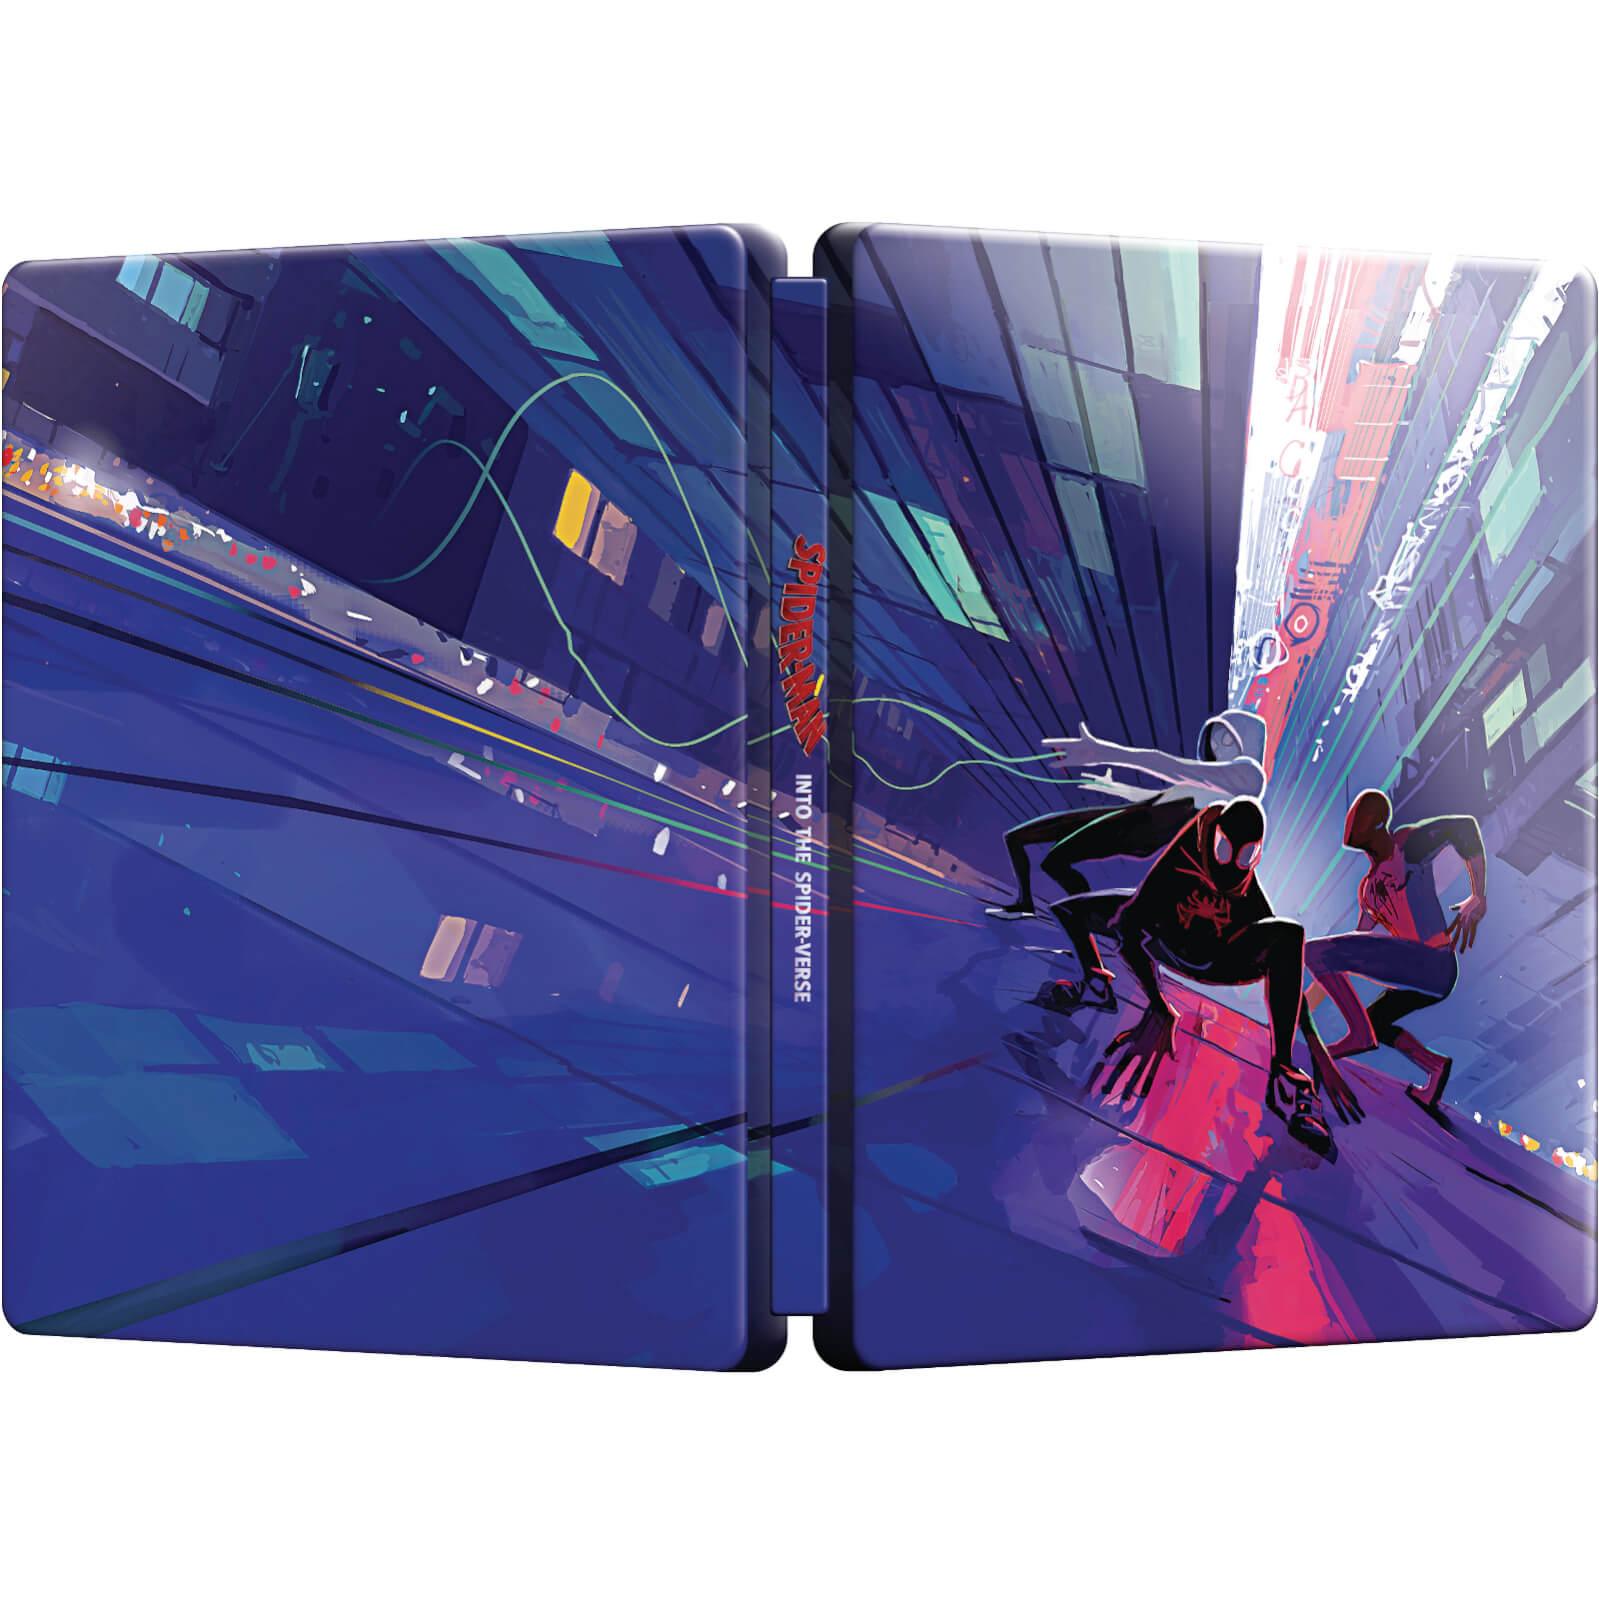 Zoe Kravitz Spider Verse: Spider-Man: Into The Spider-Verse 4K Steelbook Pre-Orders